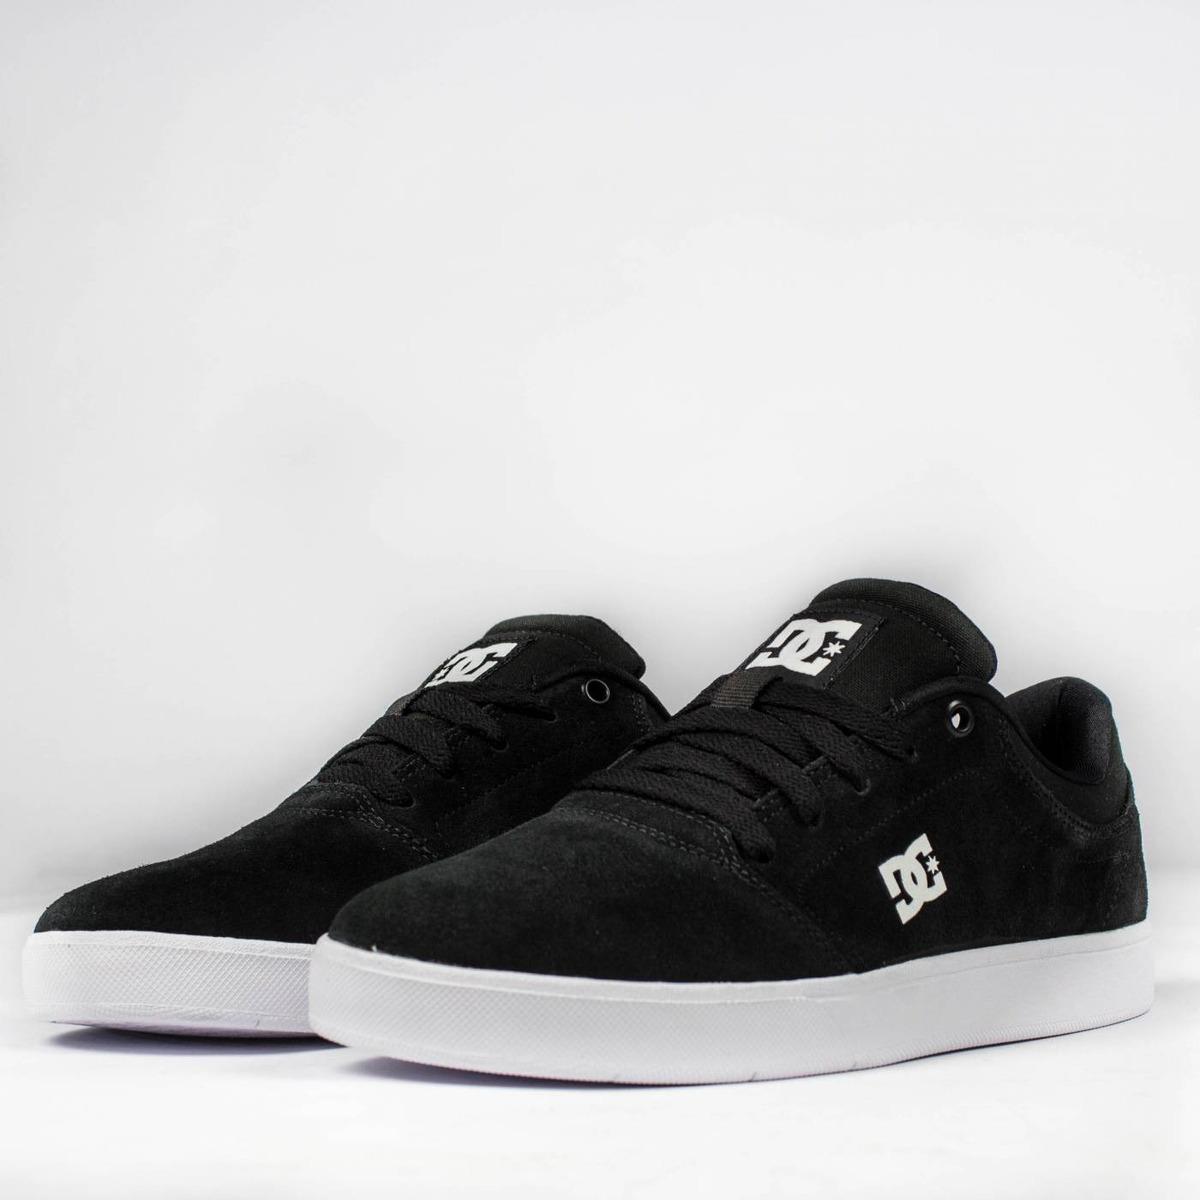 6265aa352a236 tênis dc shoes crisis la preto branco original frete grátis. Carregando zoom .